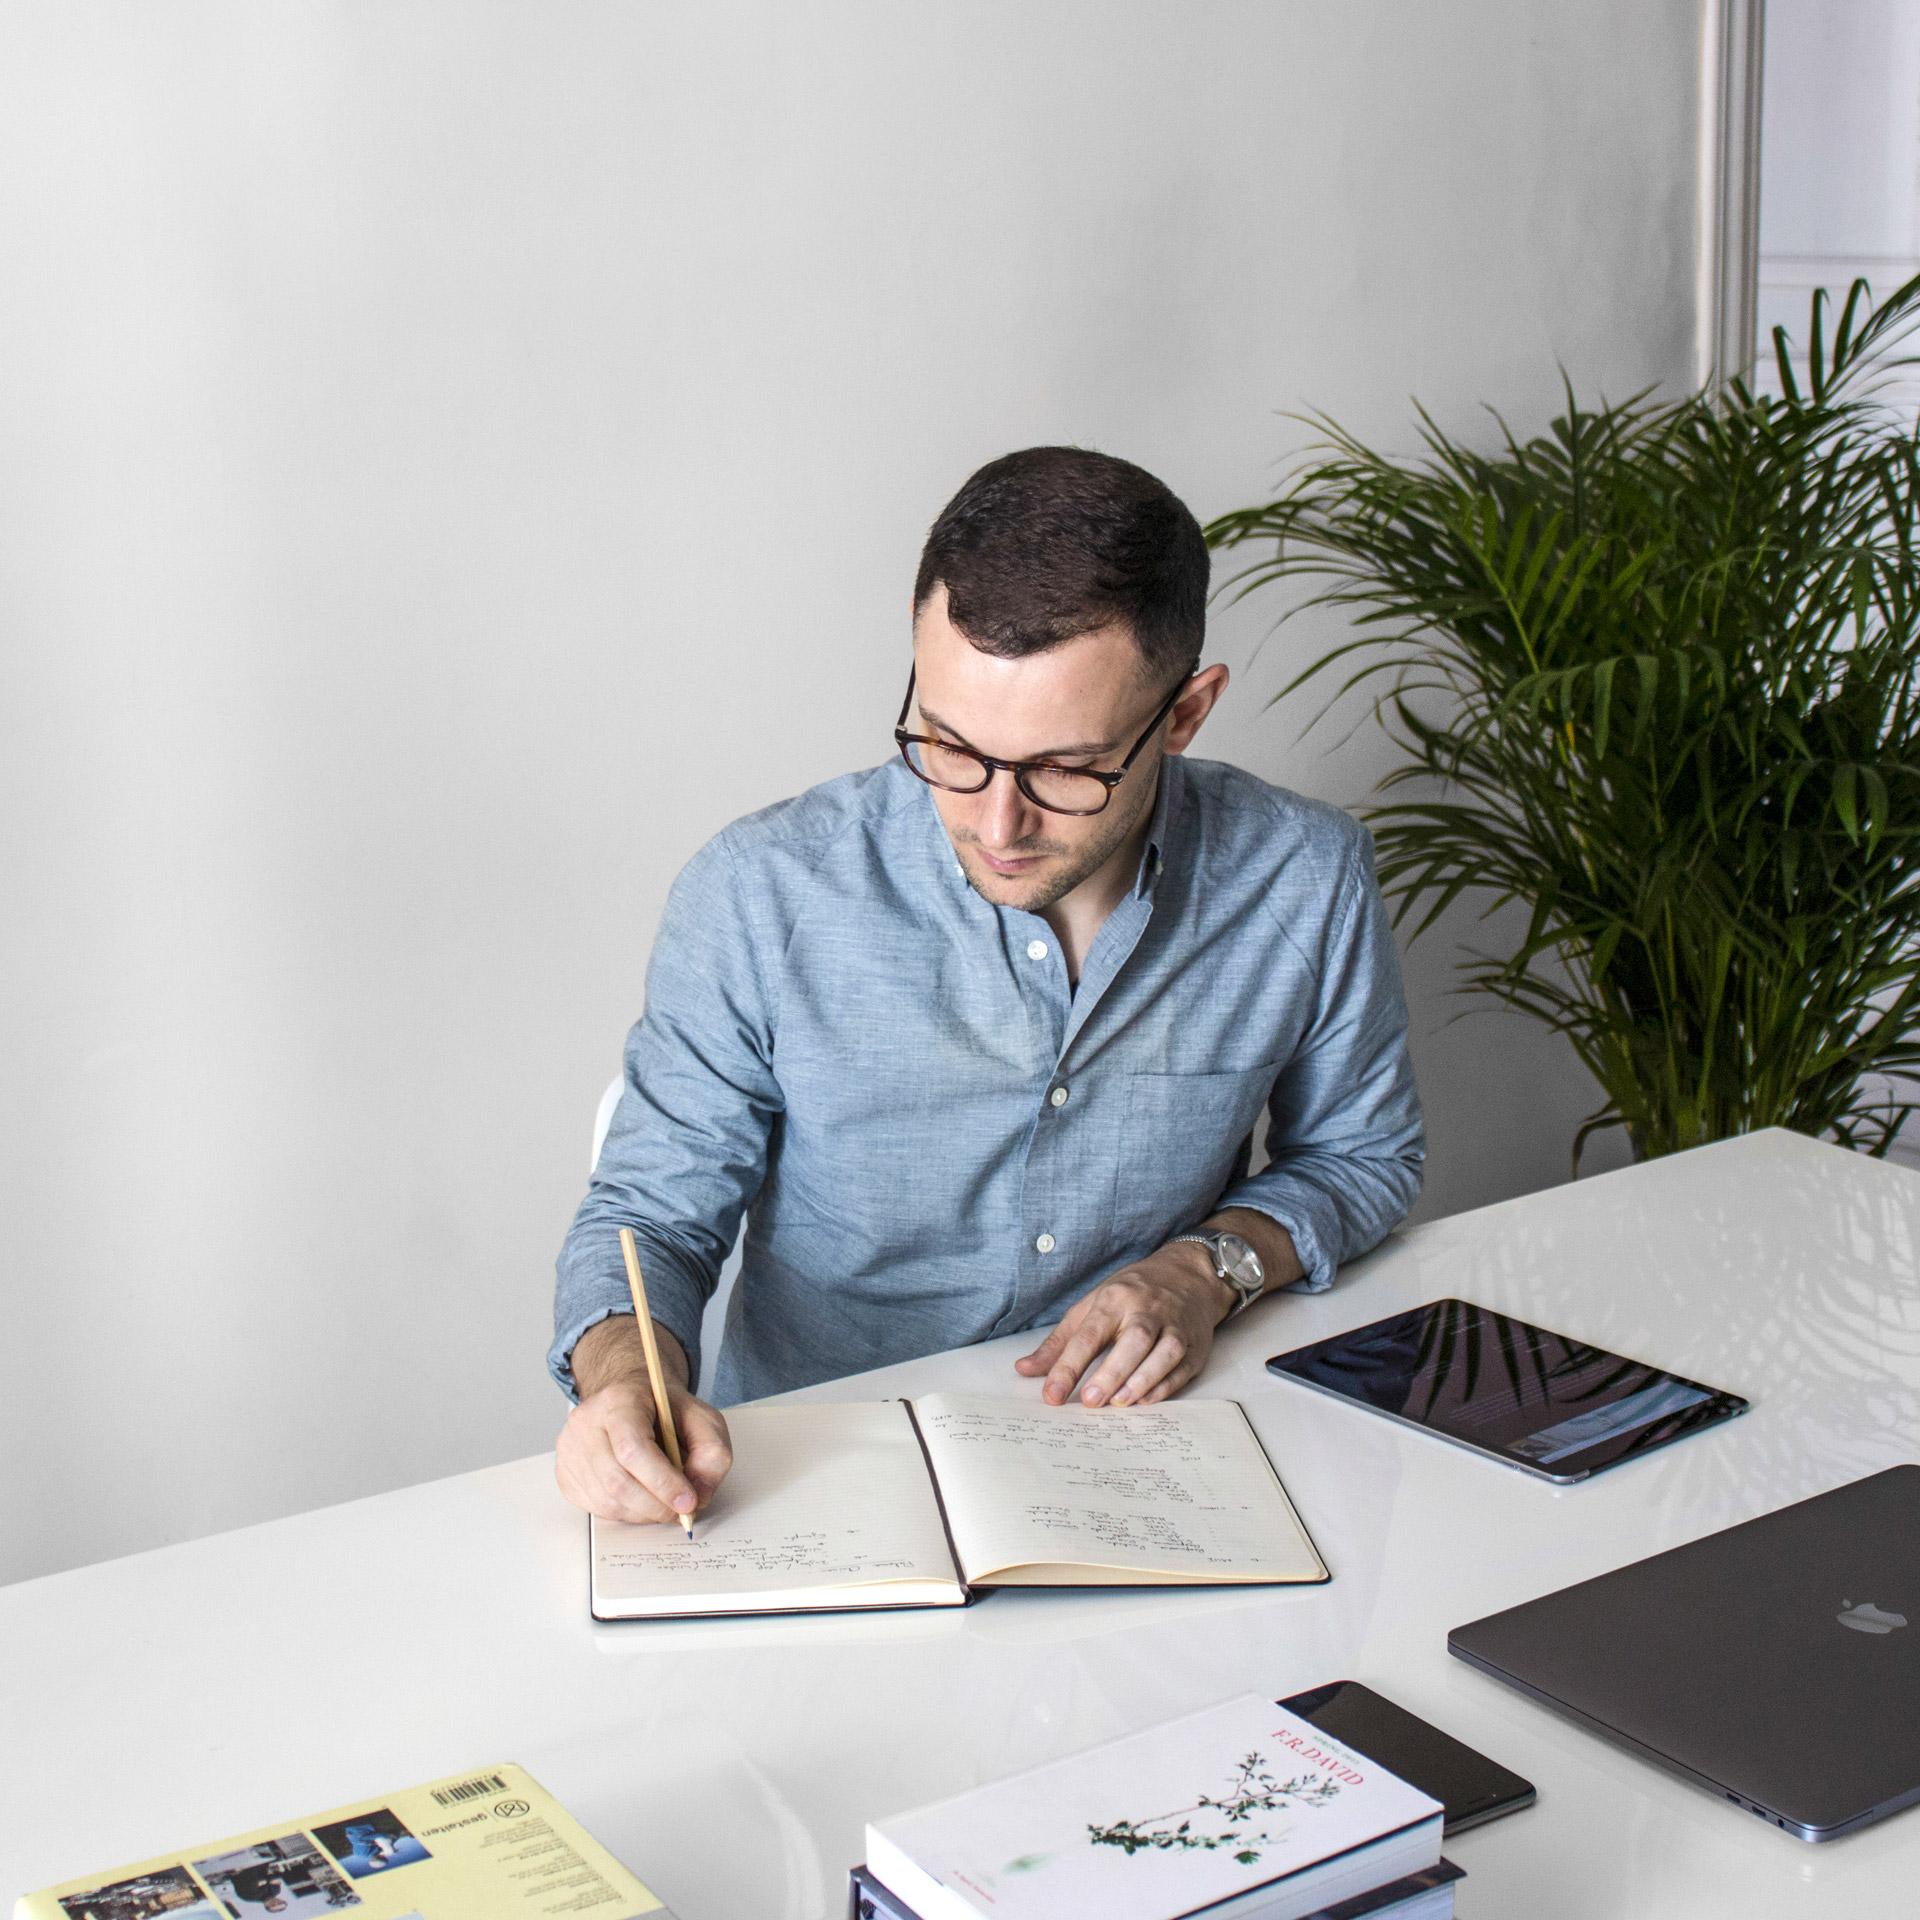 Estudio MUI - Estudio de diseño gráfico, Branding y diseño web, diseño editorial, print, desarrollo web, programación, identidad corporativa, creación de marcas, naming